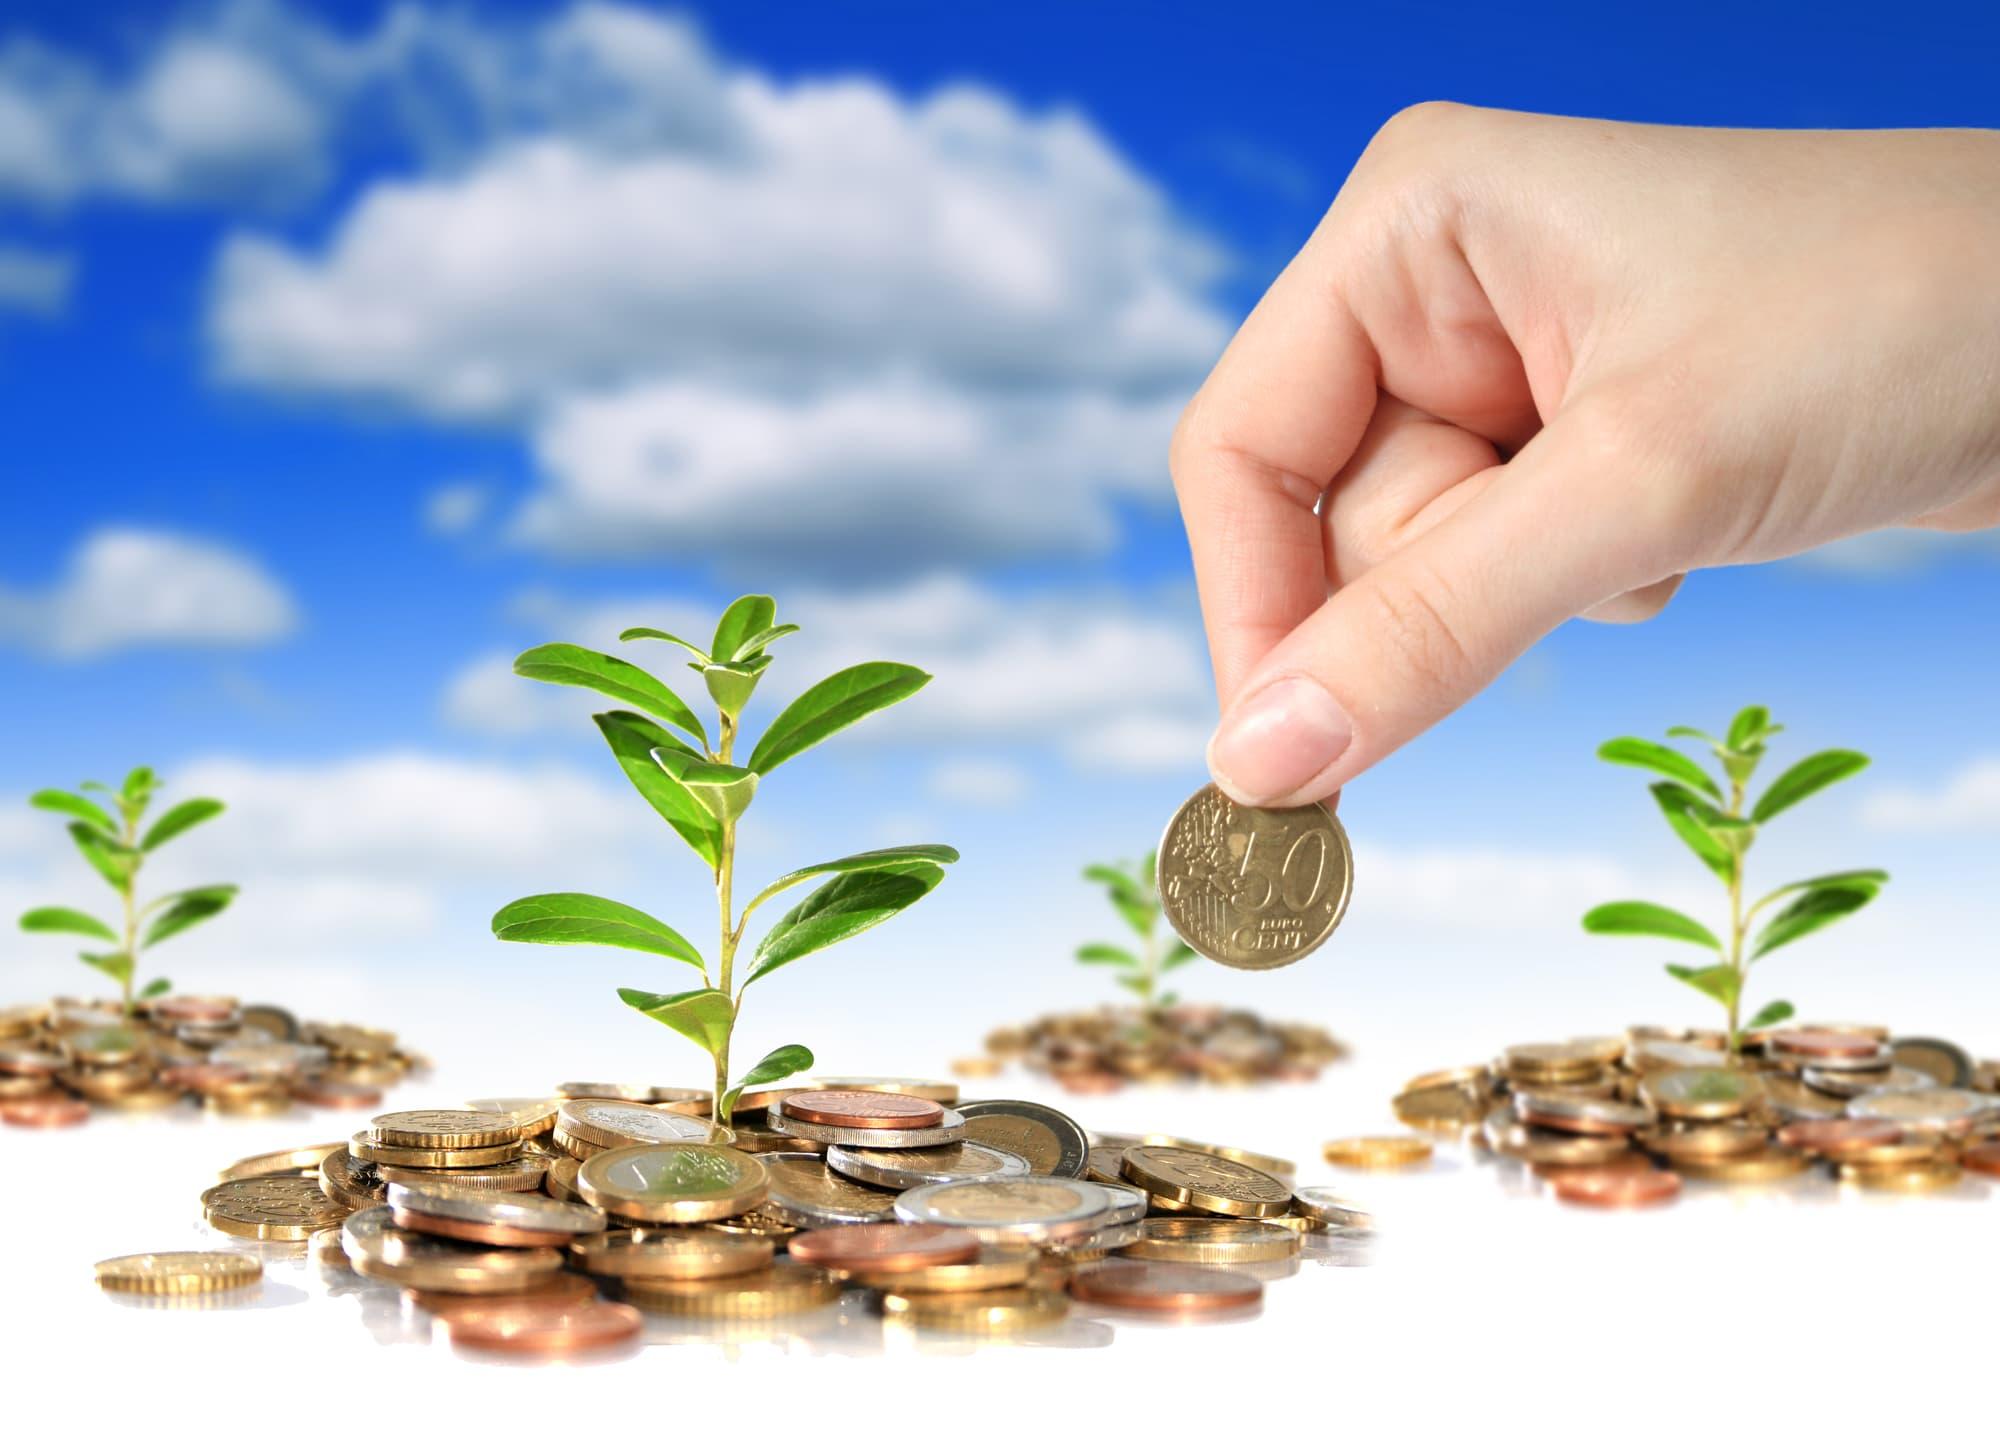 Оценка инвестиционной привлекательност икомпании